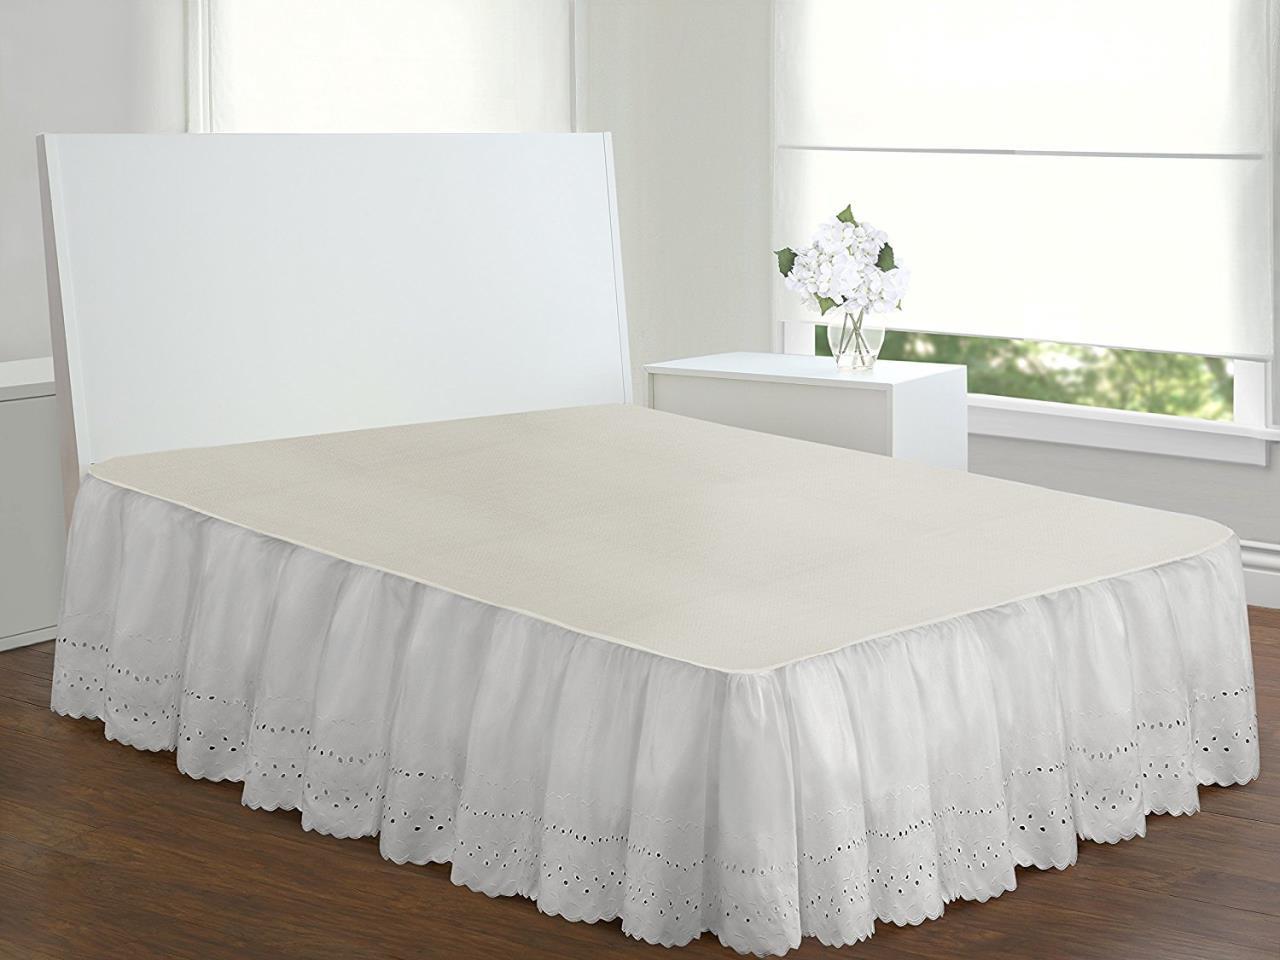 Ruffled Eyelet Bed Skirt - 010482880014